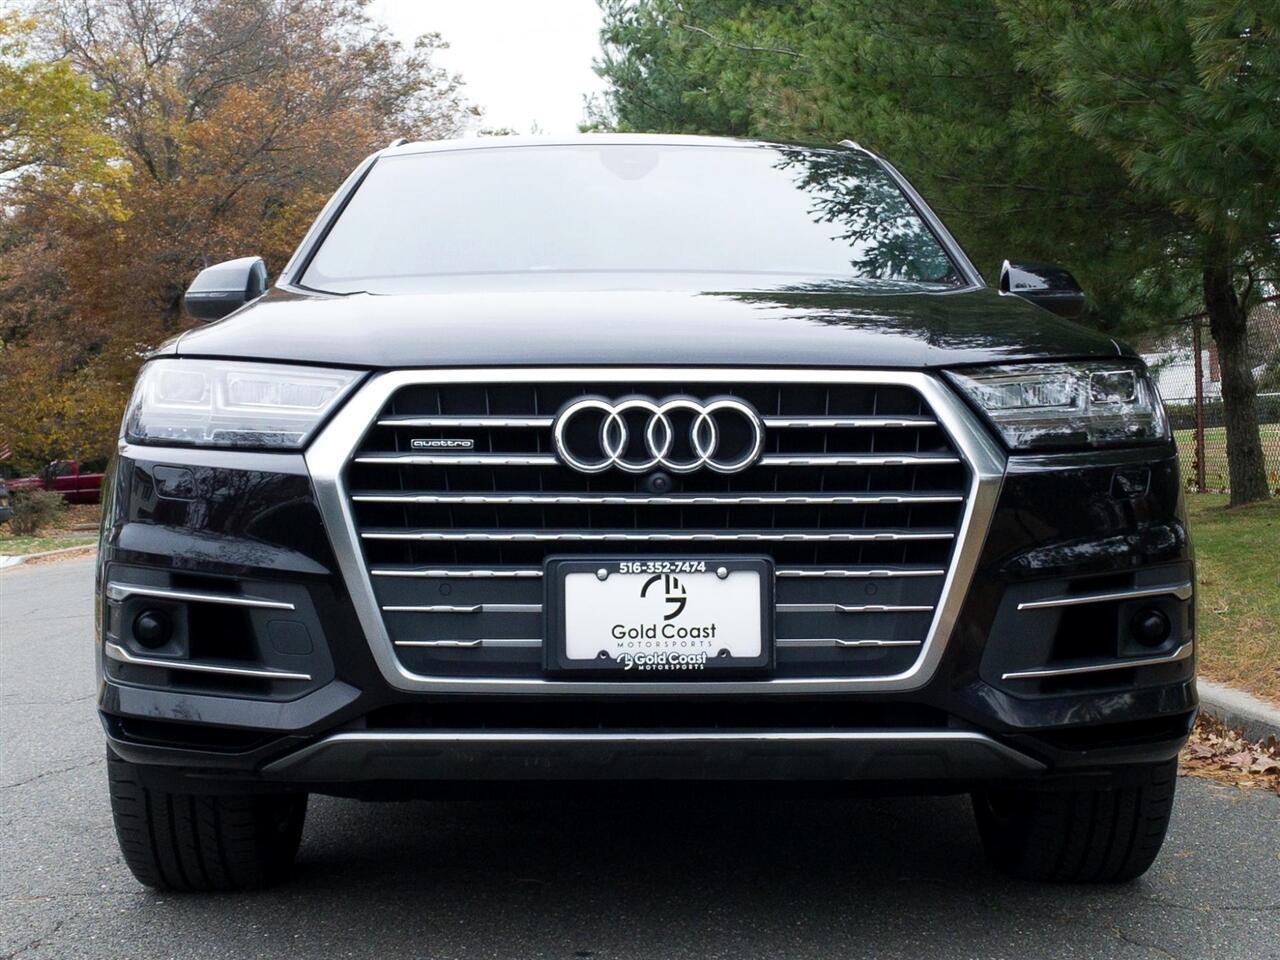 Audi Q7 3.0 Premium Plus quattro 2017